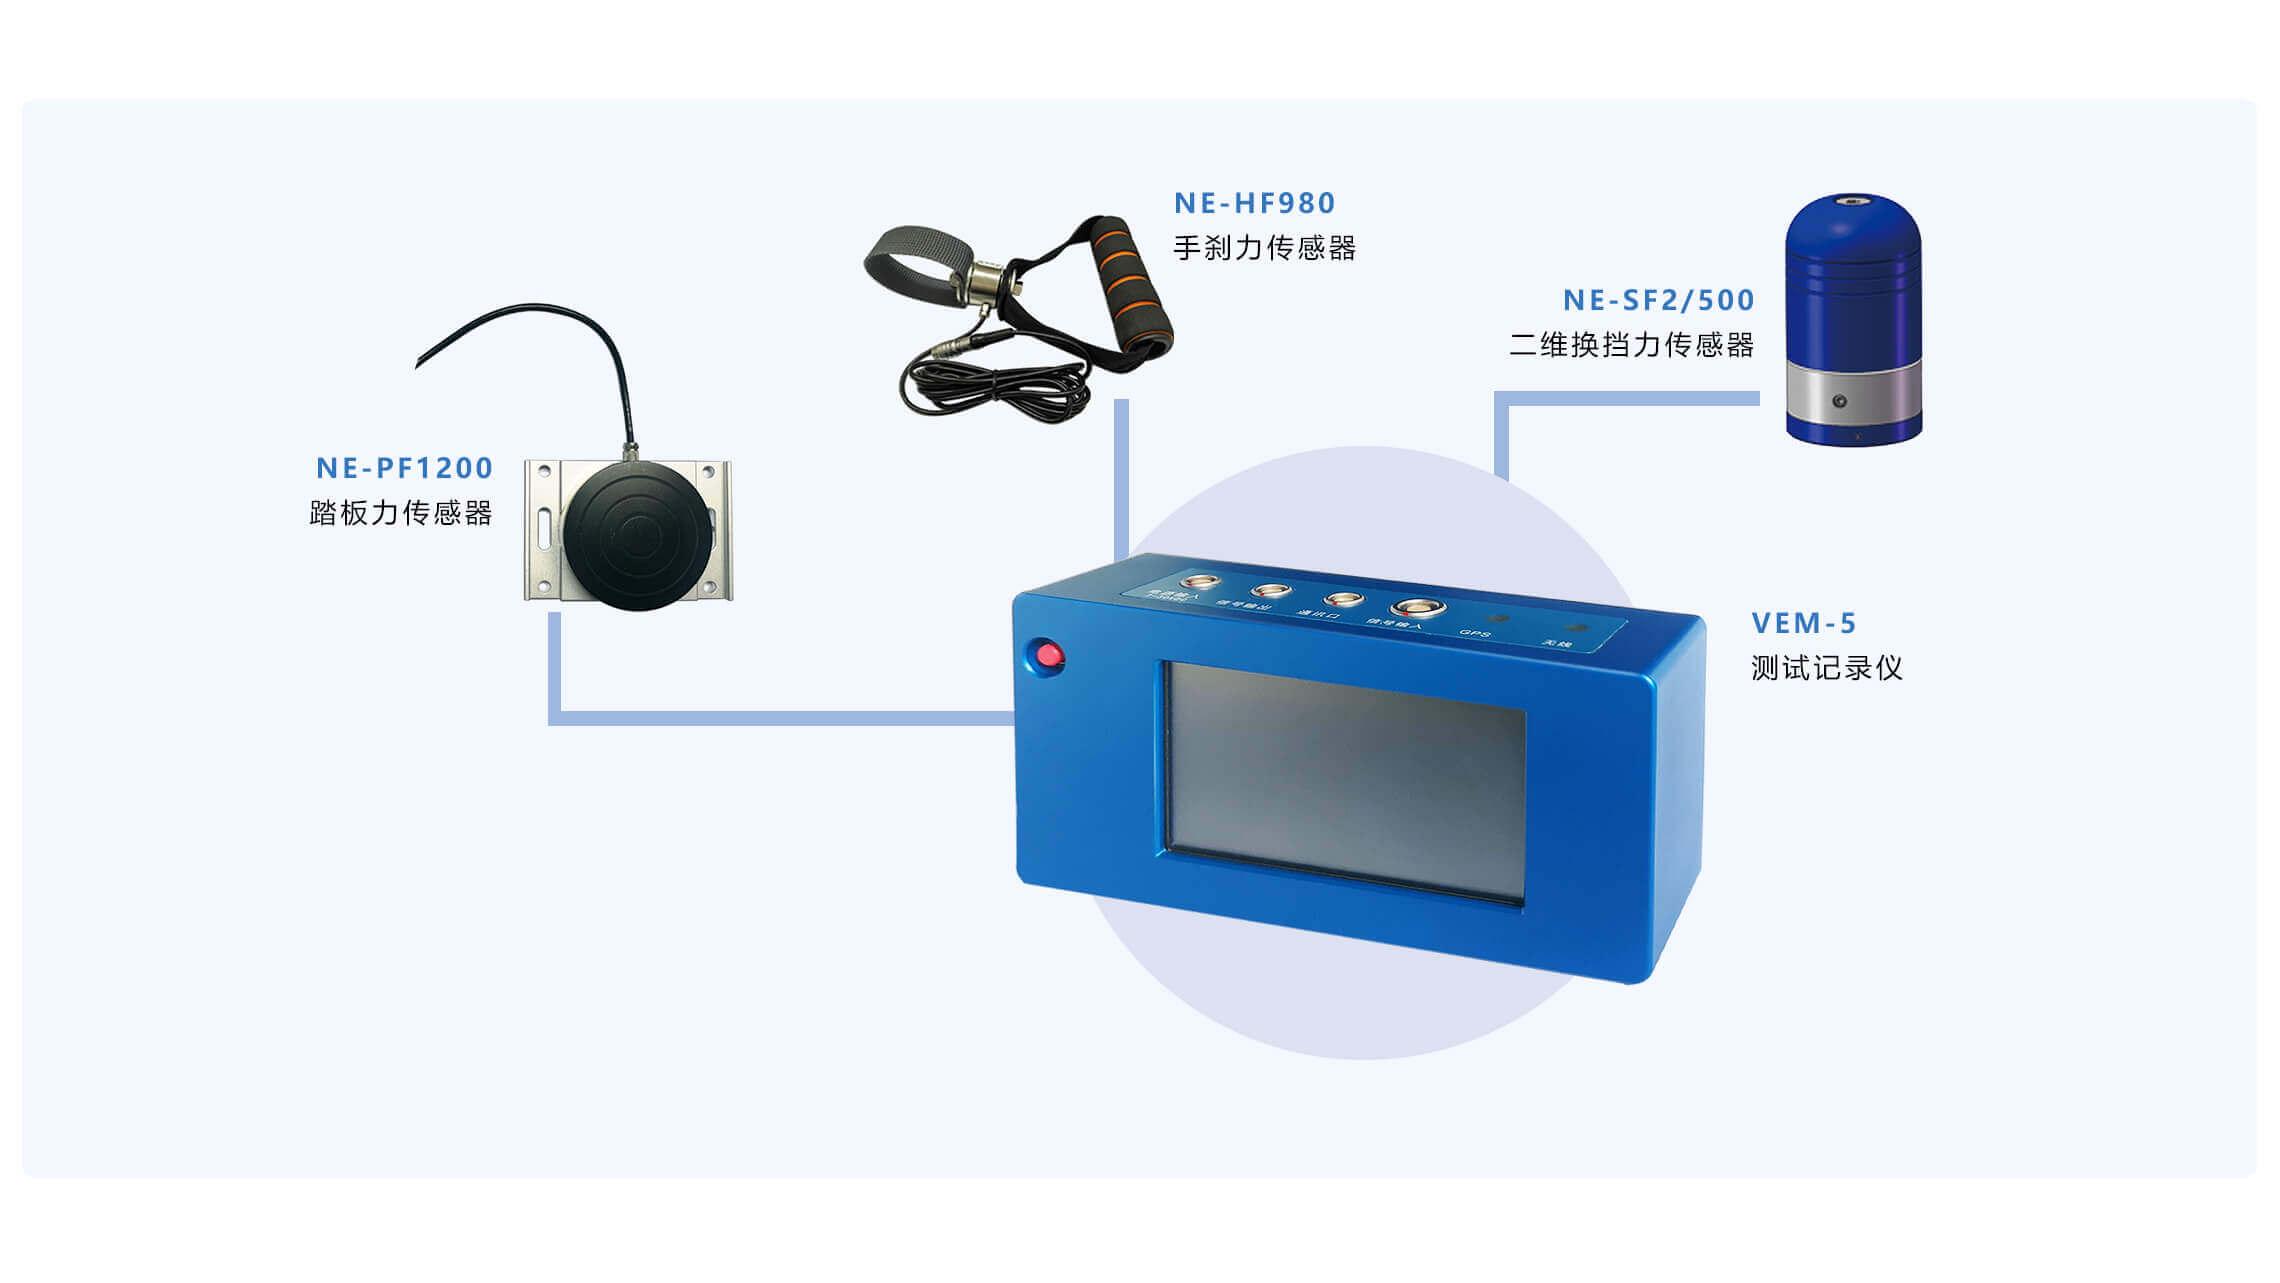 踏板力/换挡力/手刹力测试系統配置